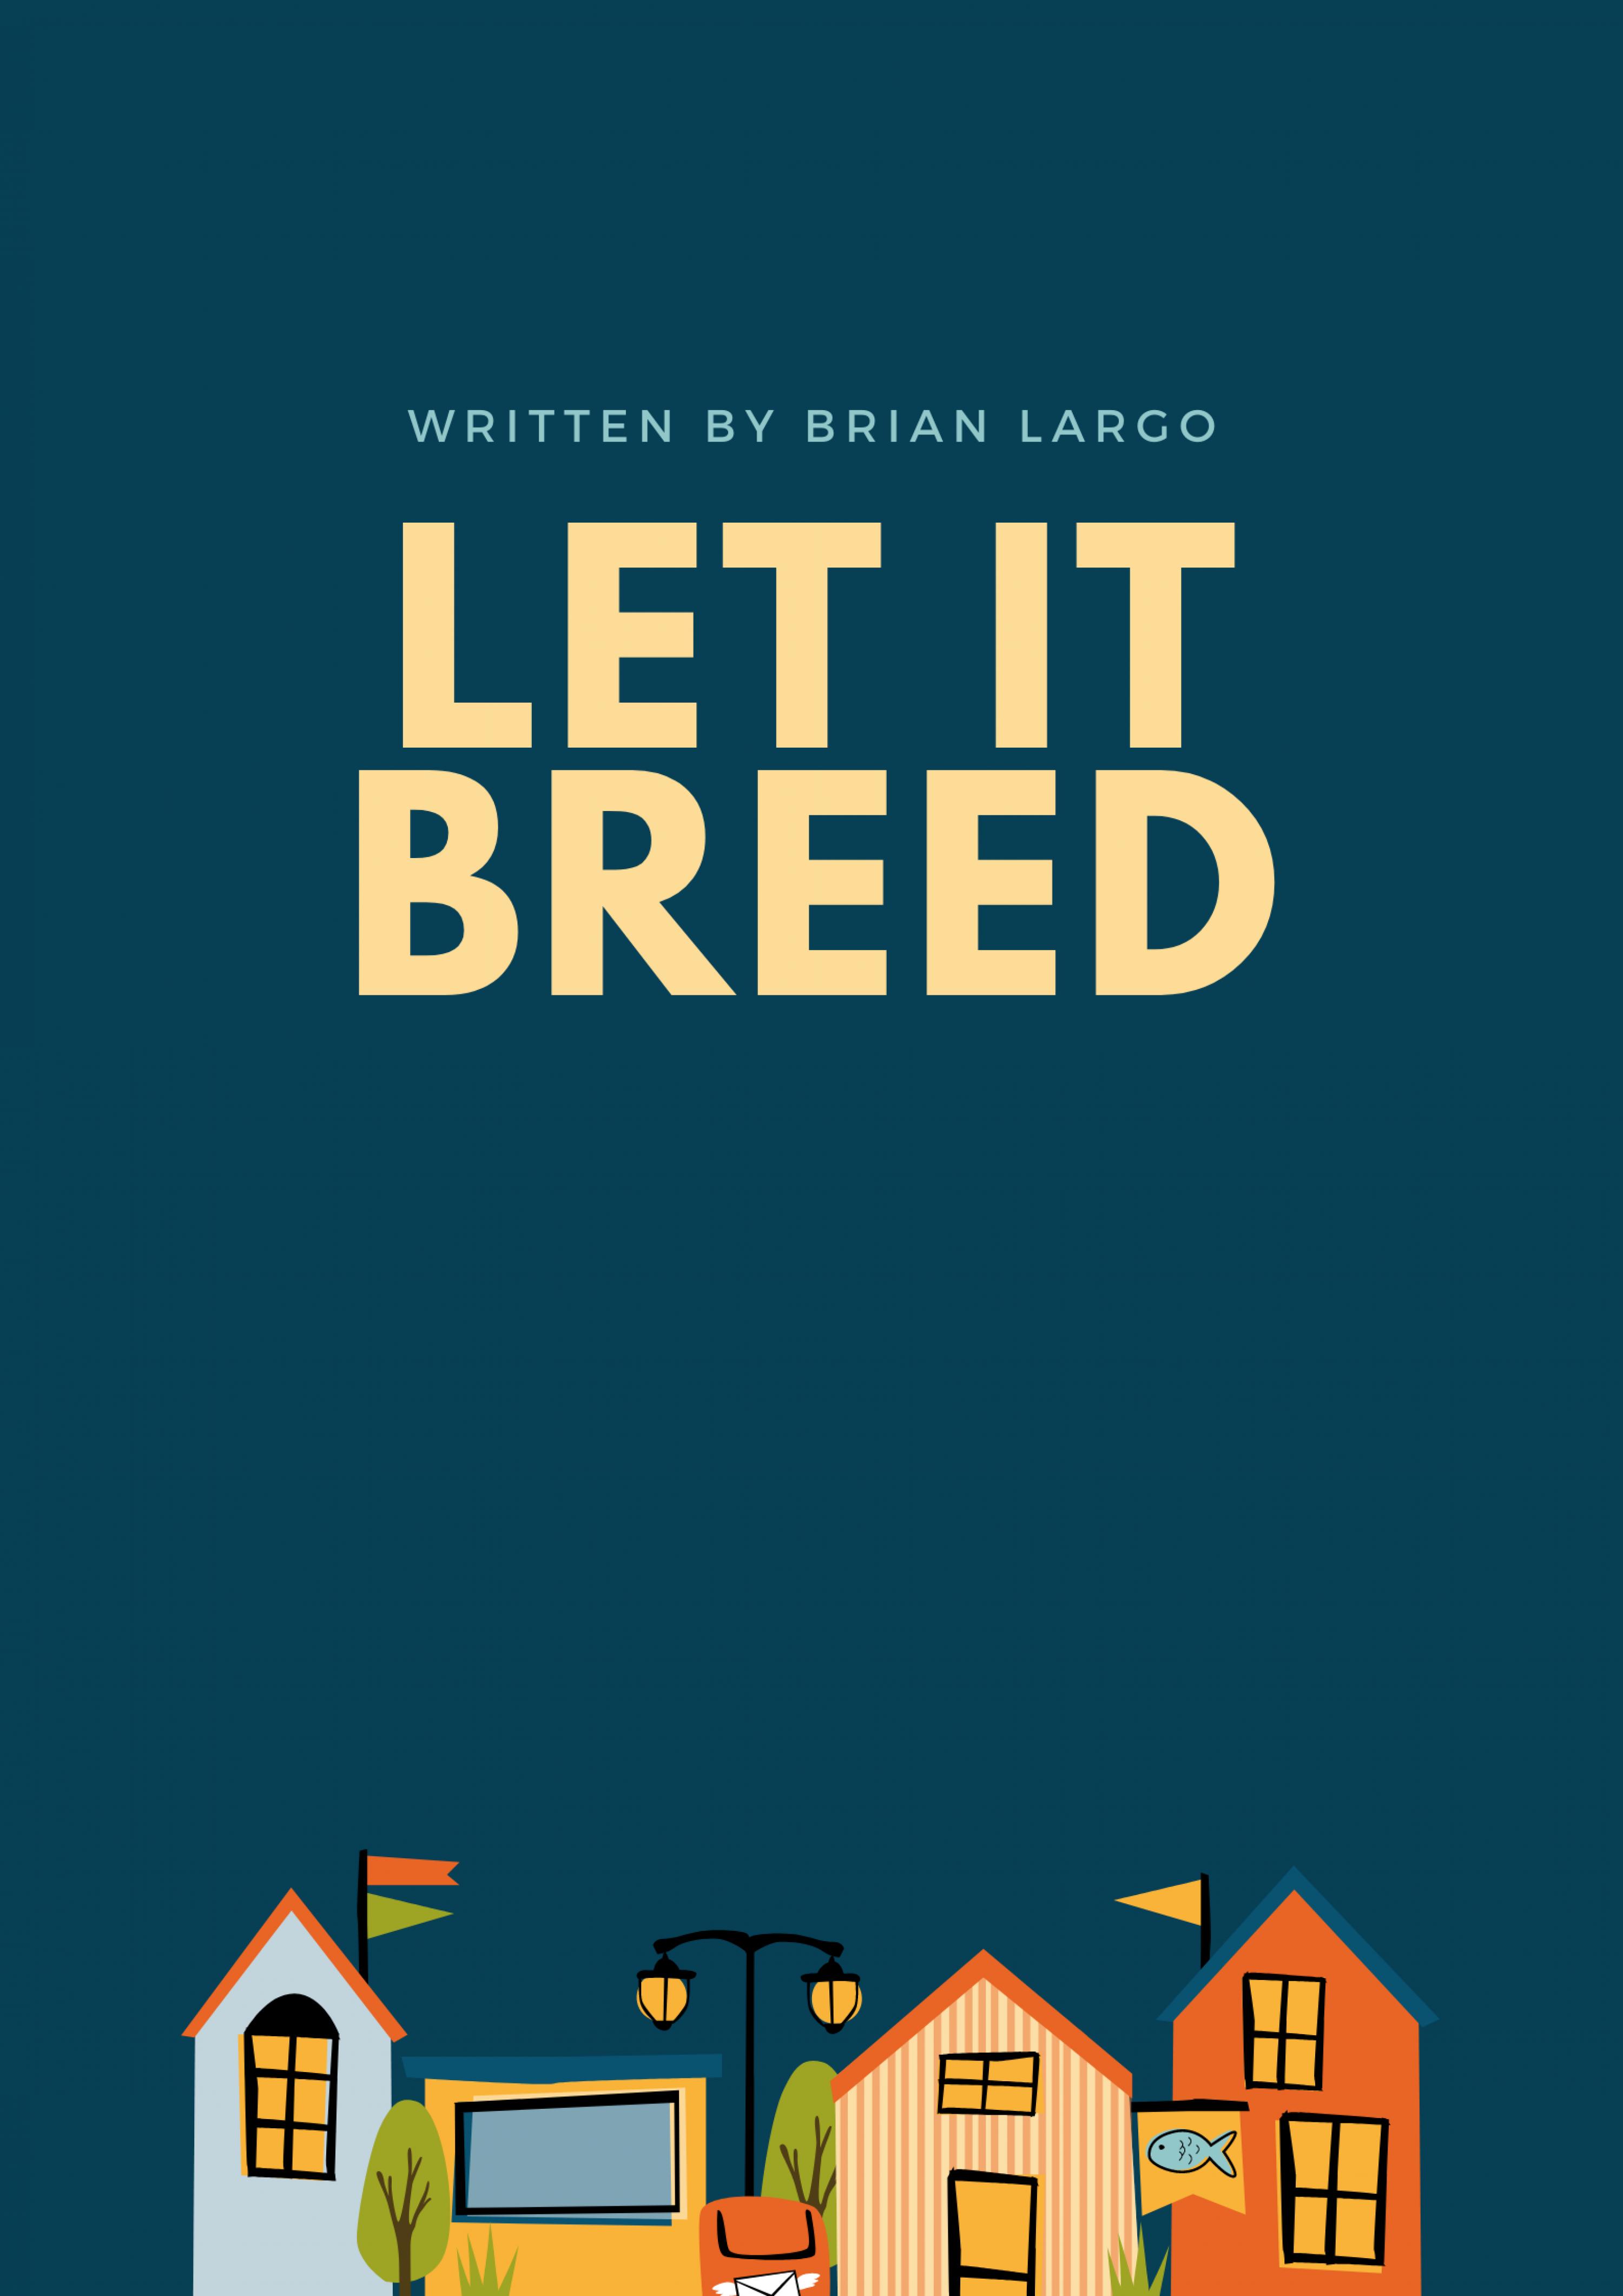 LET IT BREED